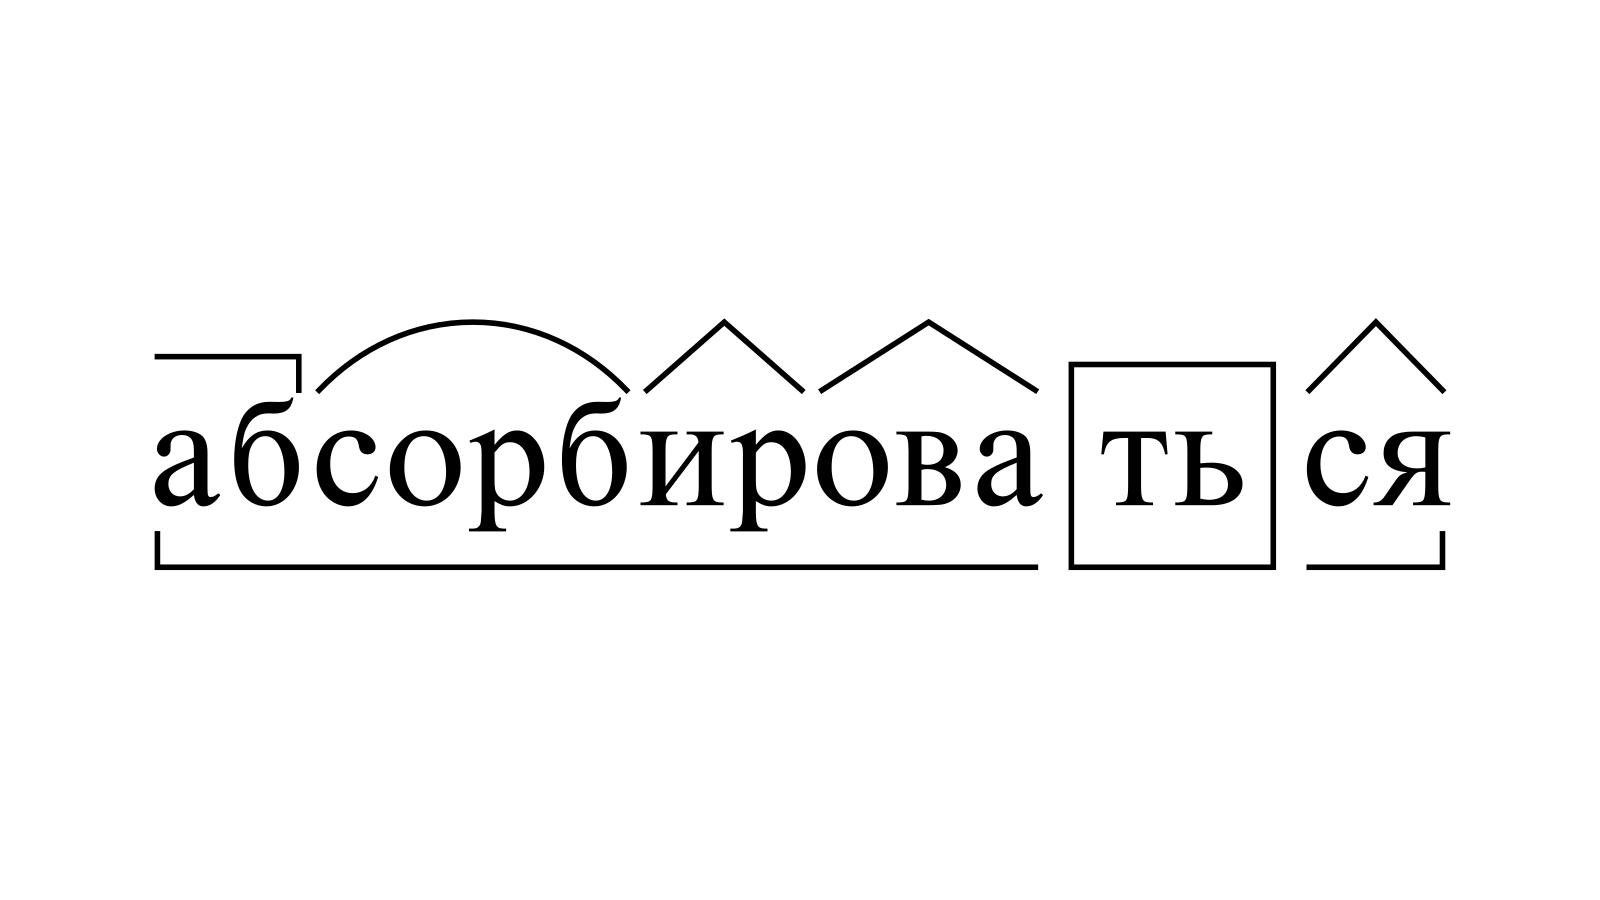 Разбор слова «абсорбироваться» по составу